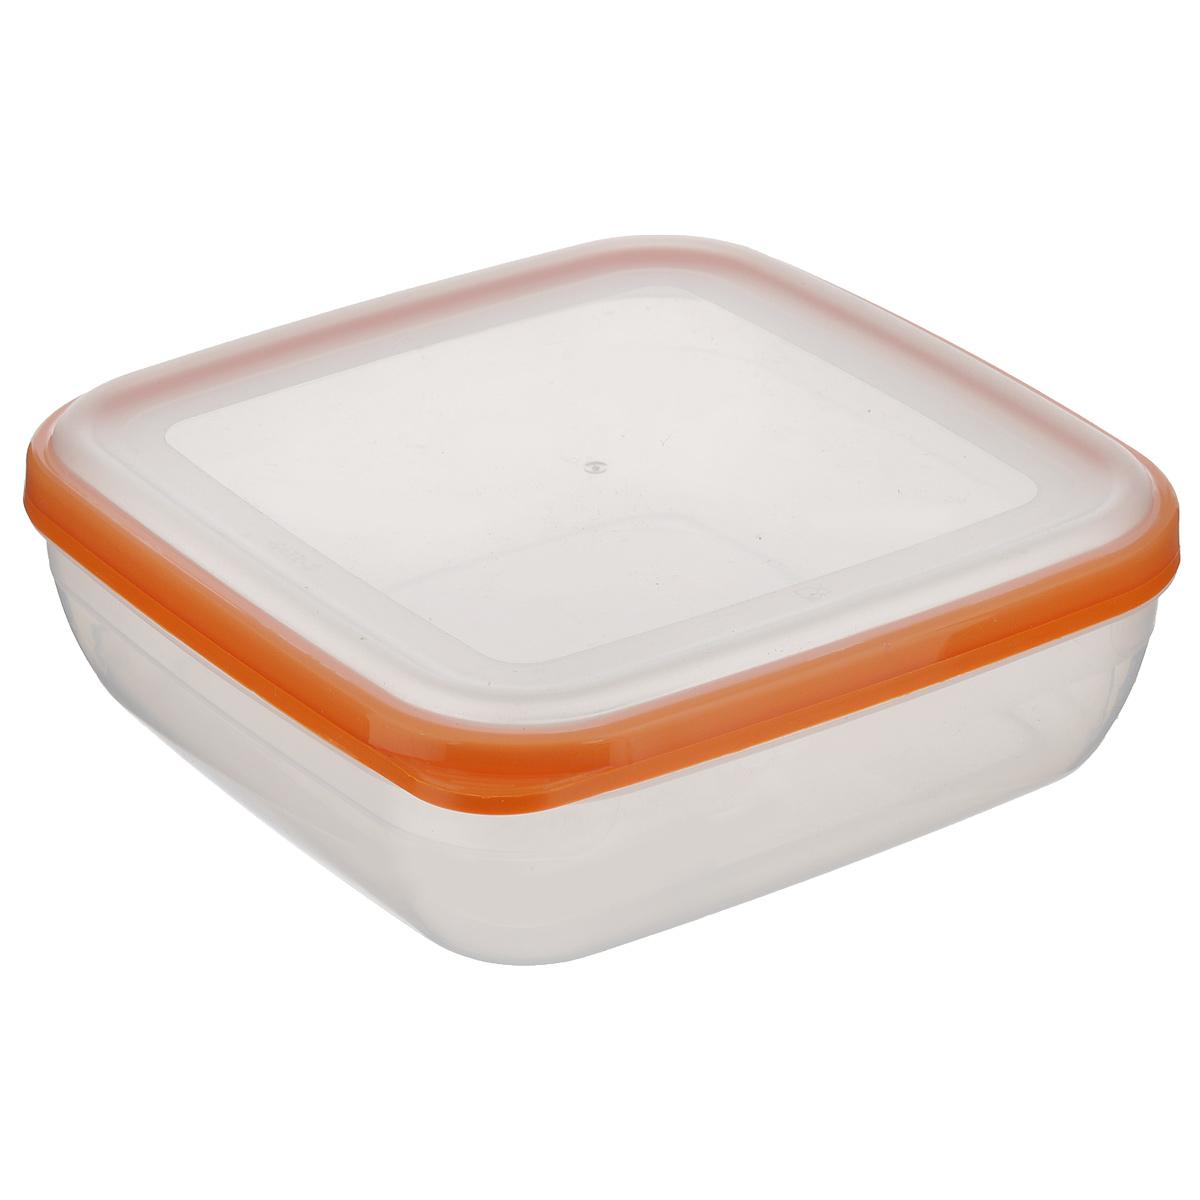 Контейнер для СВЧ Полимербыт Премиум, цвет: оранжевый, 1,7 лС566 оранжевыйКвадратный контейнер для СВЧ Полимербыт Премиум изготовлен из высококачественного прочного пластика, устойчивого к высоким температурам (до +110°С). Крышка плотно и герметично закрывается, дольше сохраняя продукты свежими и вкусными. Контейнер идеально подходит для хранения пищи, его удобно брать с собой на работу, учебу, пикник или просто использовать для хранения продуктов в холодильнике.Подходит для разогрева пищи в микроволновой печи и для заморозки в морозильной камере (при минимальной температуре -40°С). Можно мыть в посудомоечной машине.